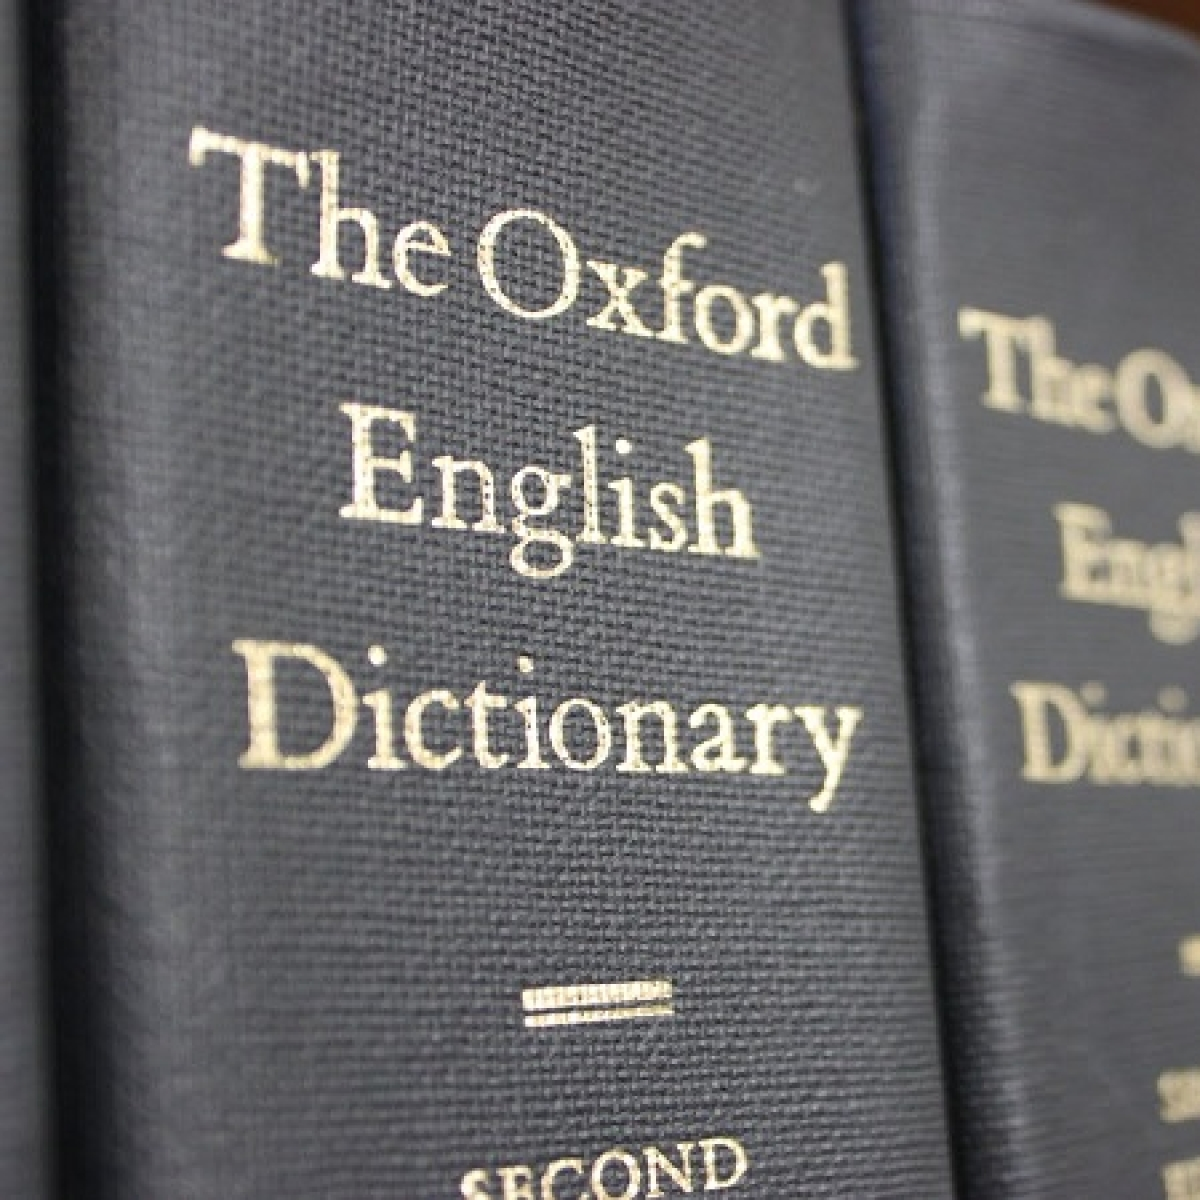 Dictionary's Latest Edition: Aadhaar, dabba, hartal, shaadi make it to Oxford